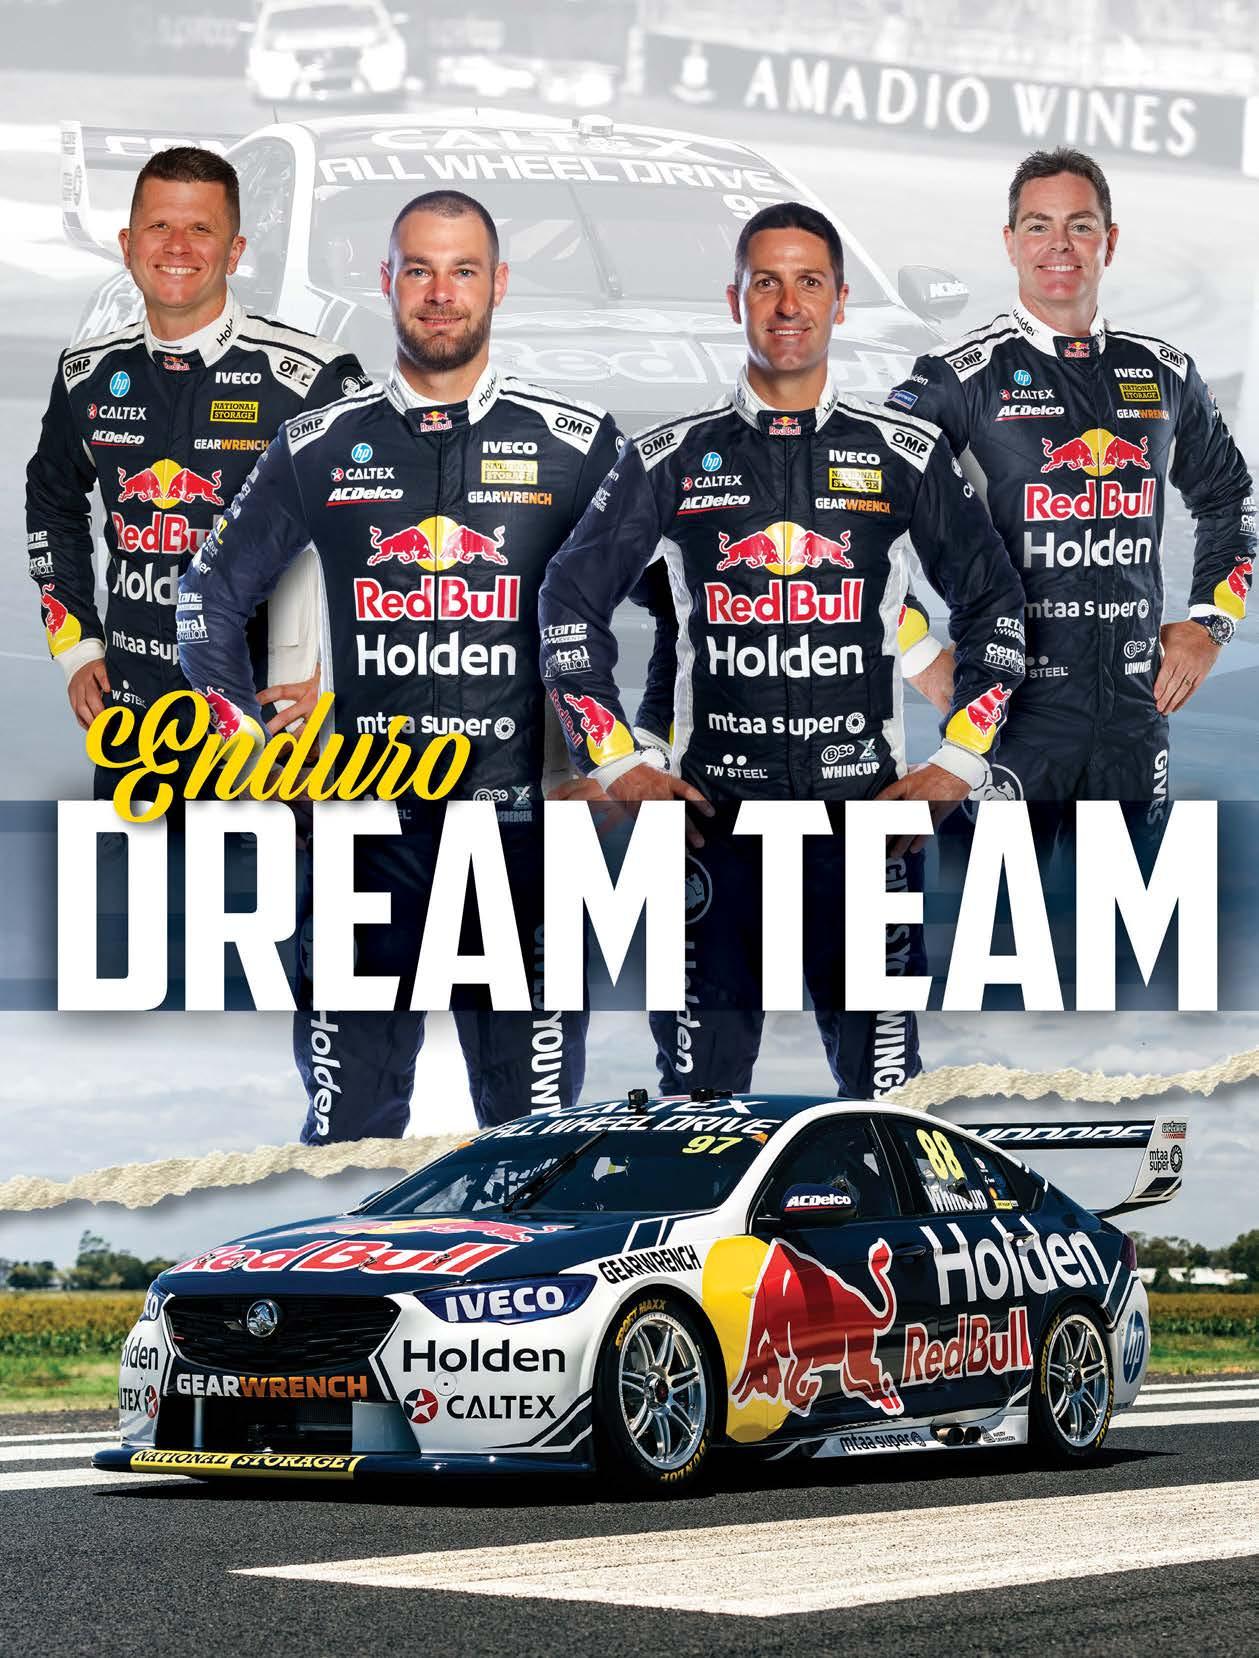 2019 Pirtek Enduro - Dream Team